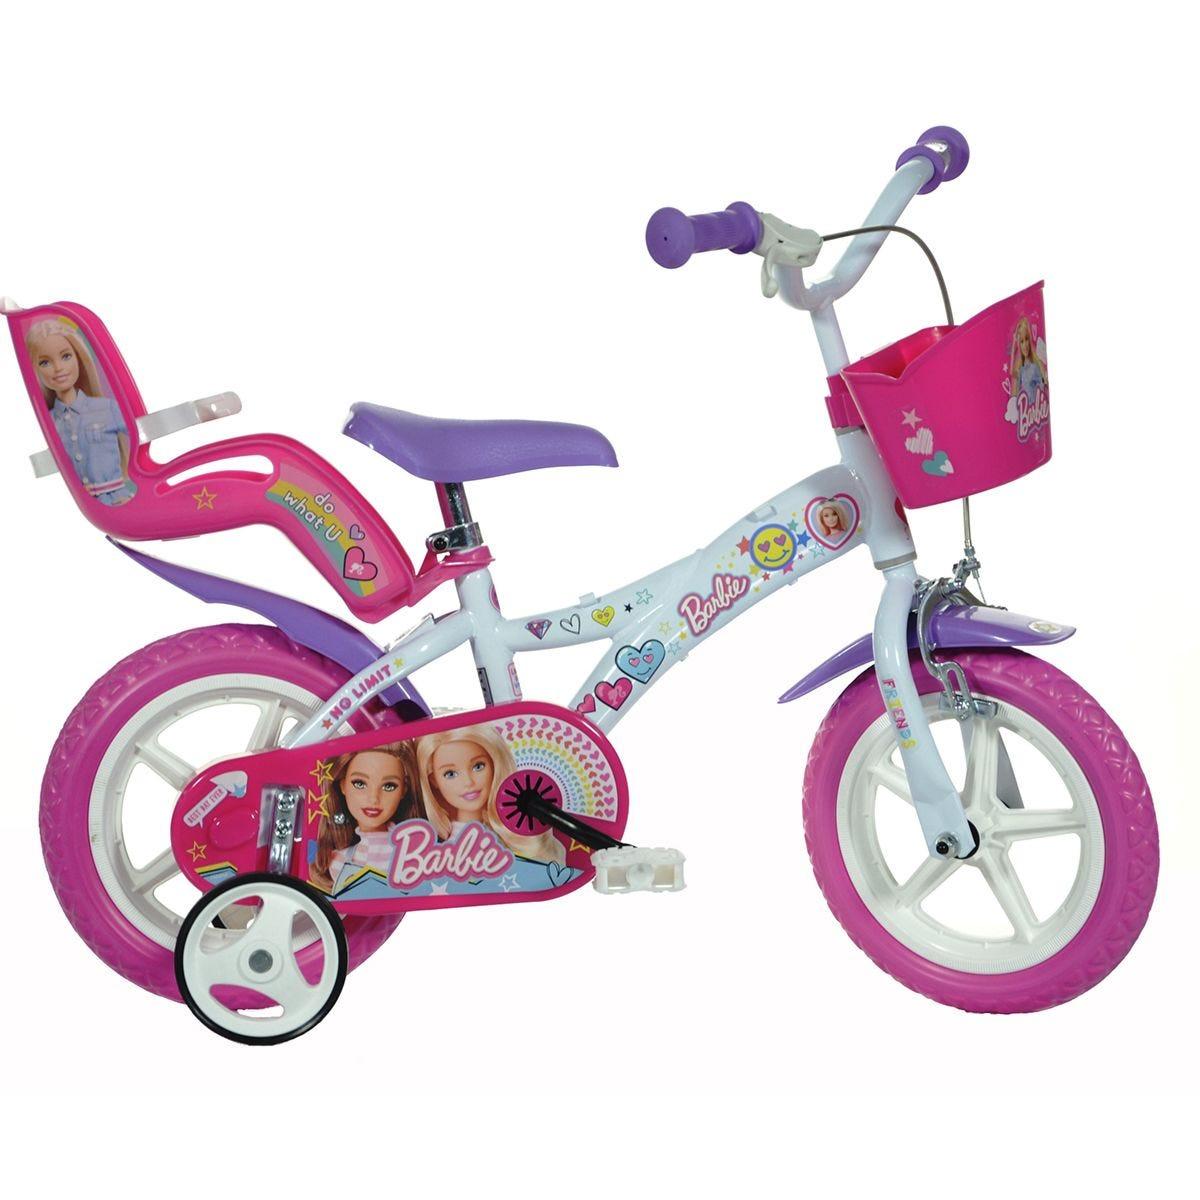 Barbie Kids Bicycle